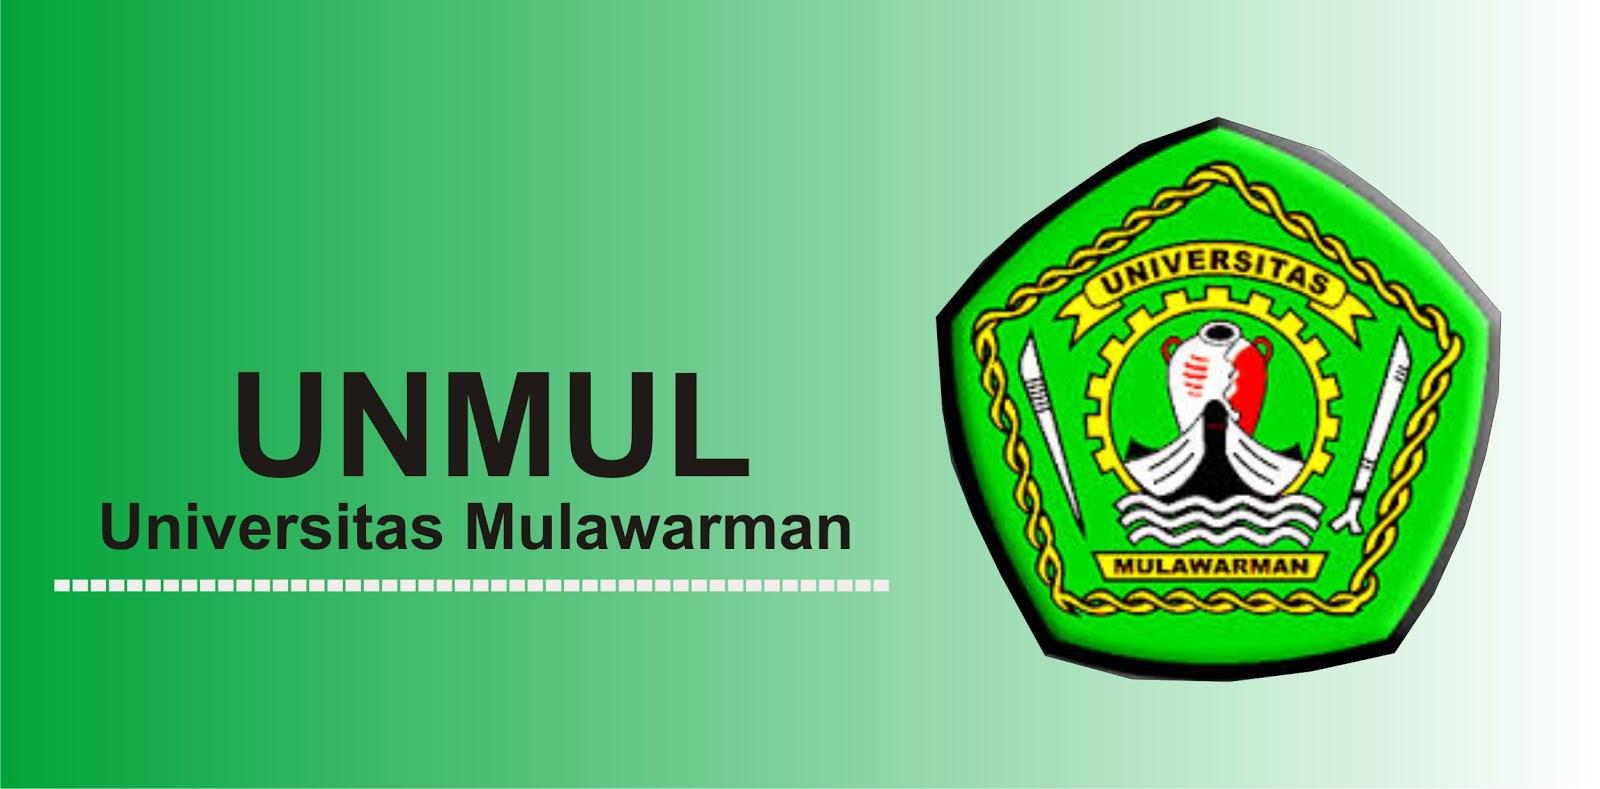 Pembuatan Jersey Printing UNIVERSITAS MULAWARMAN / UNMUL